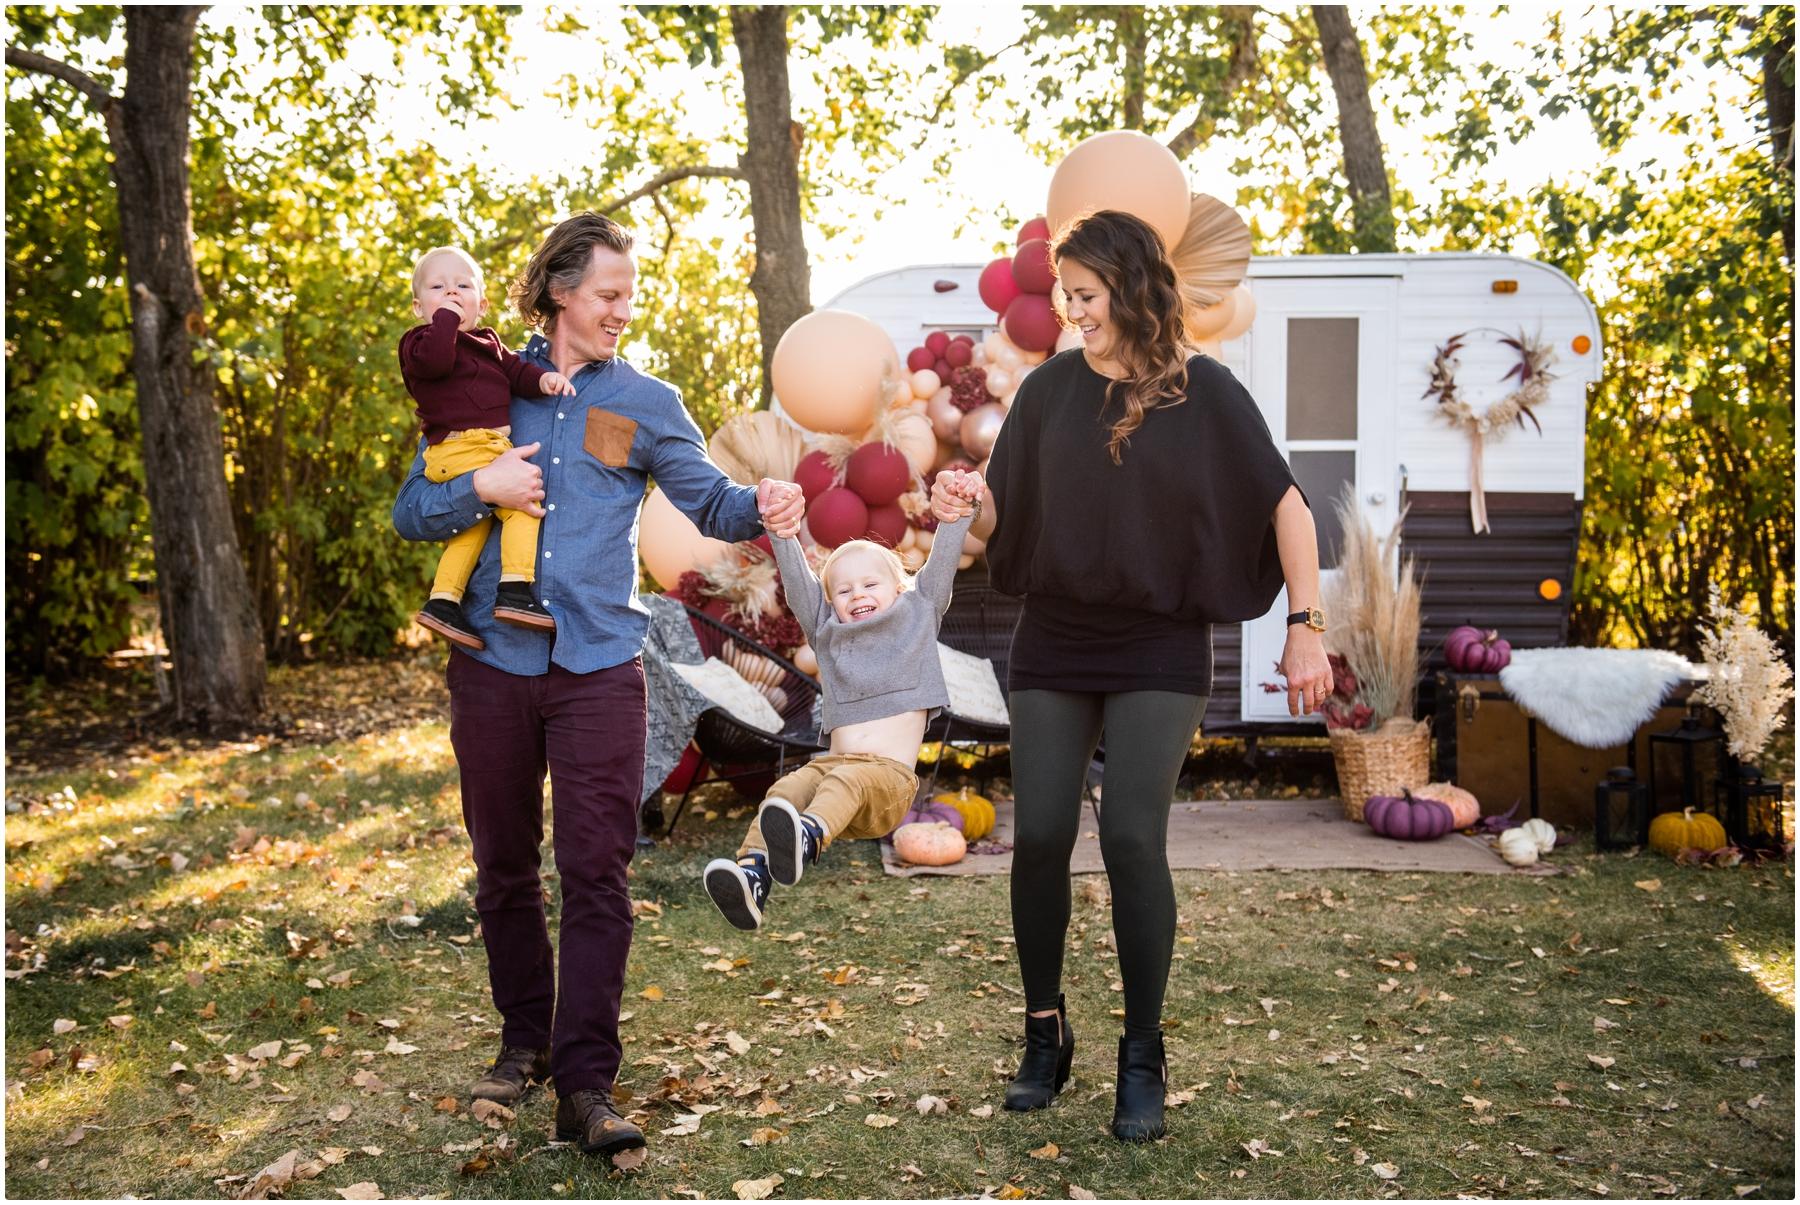 Autumn Happy Camper Photo Session Calgary - Fall Mini Session Photos